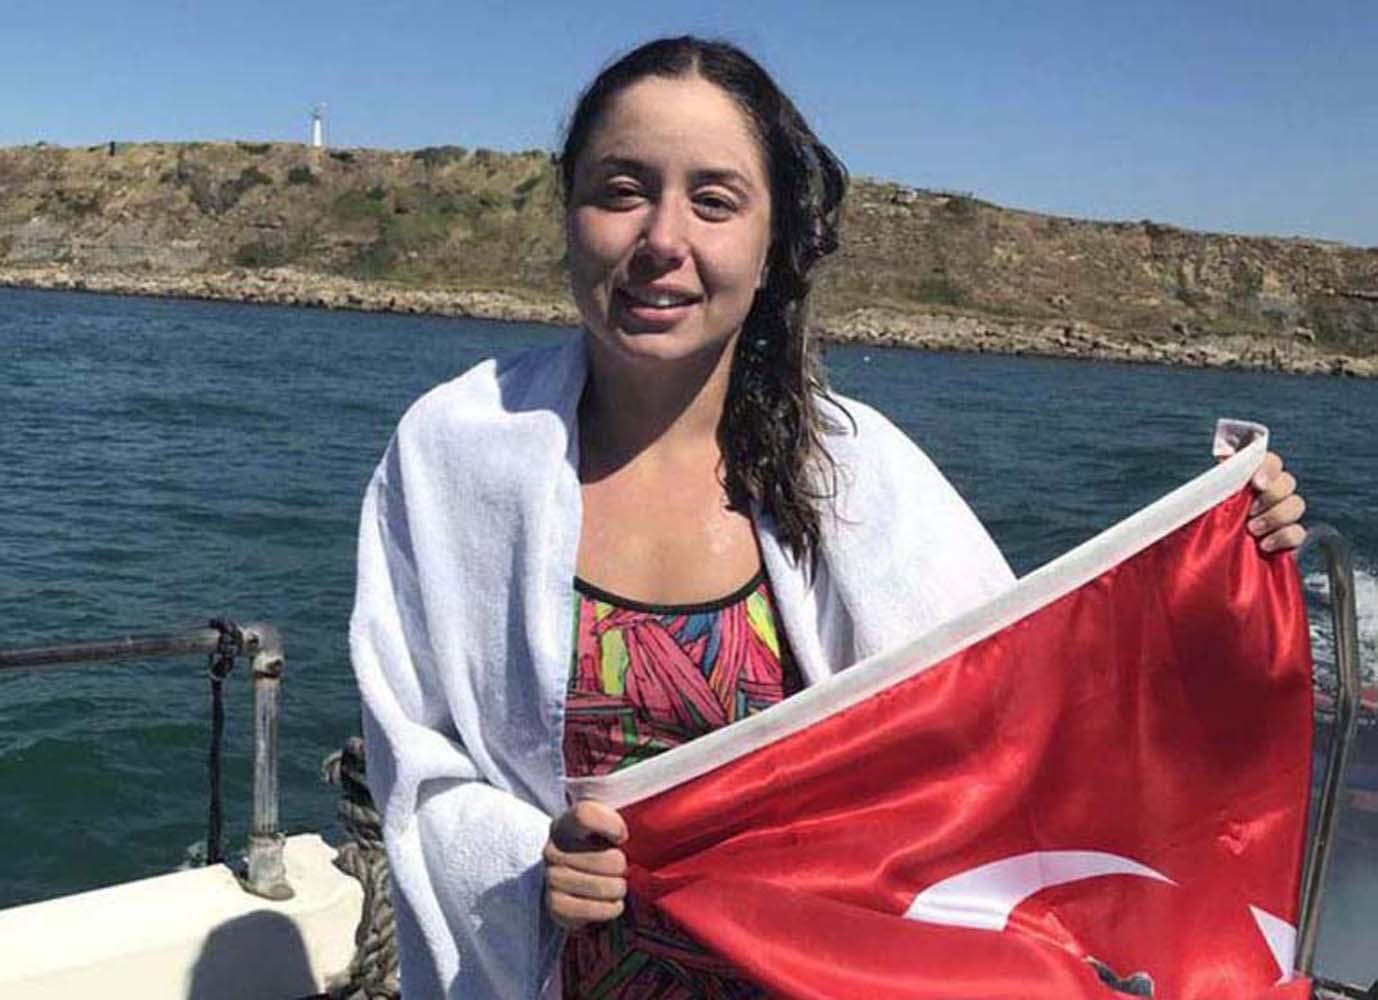 Manş Denizini yüzerek geçen Bengisu Avcı en genç Türk kadını oldu 4